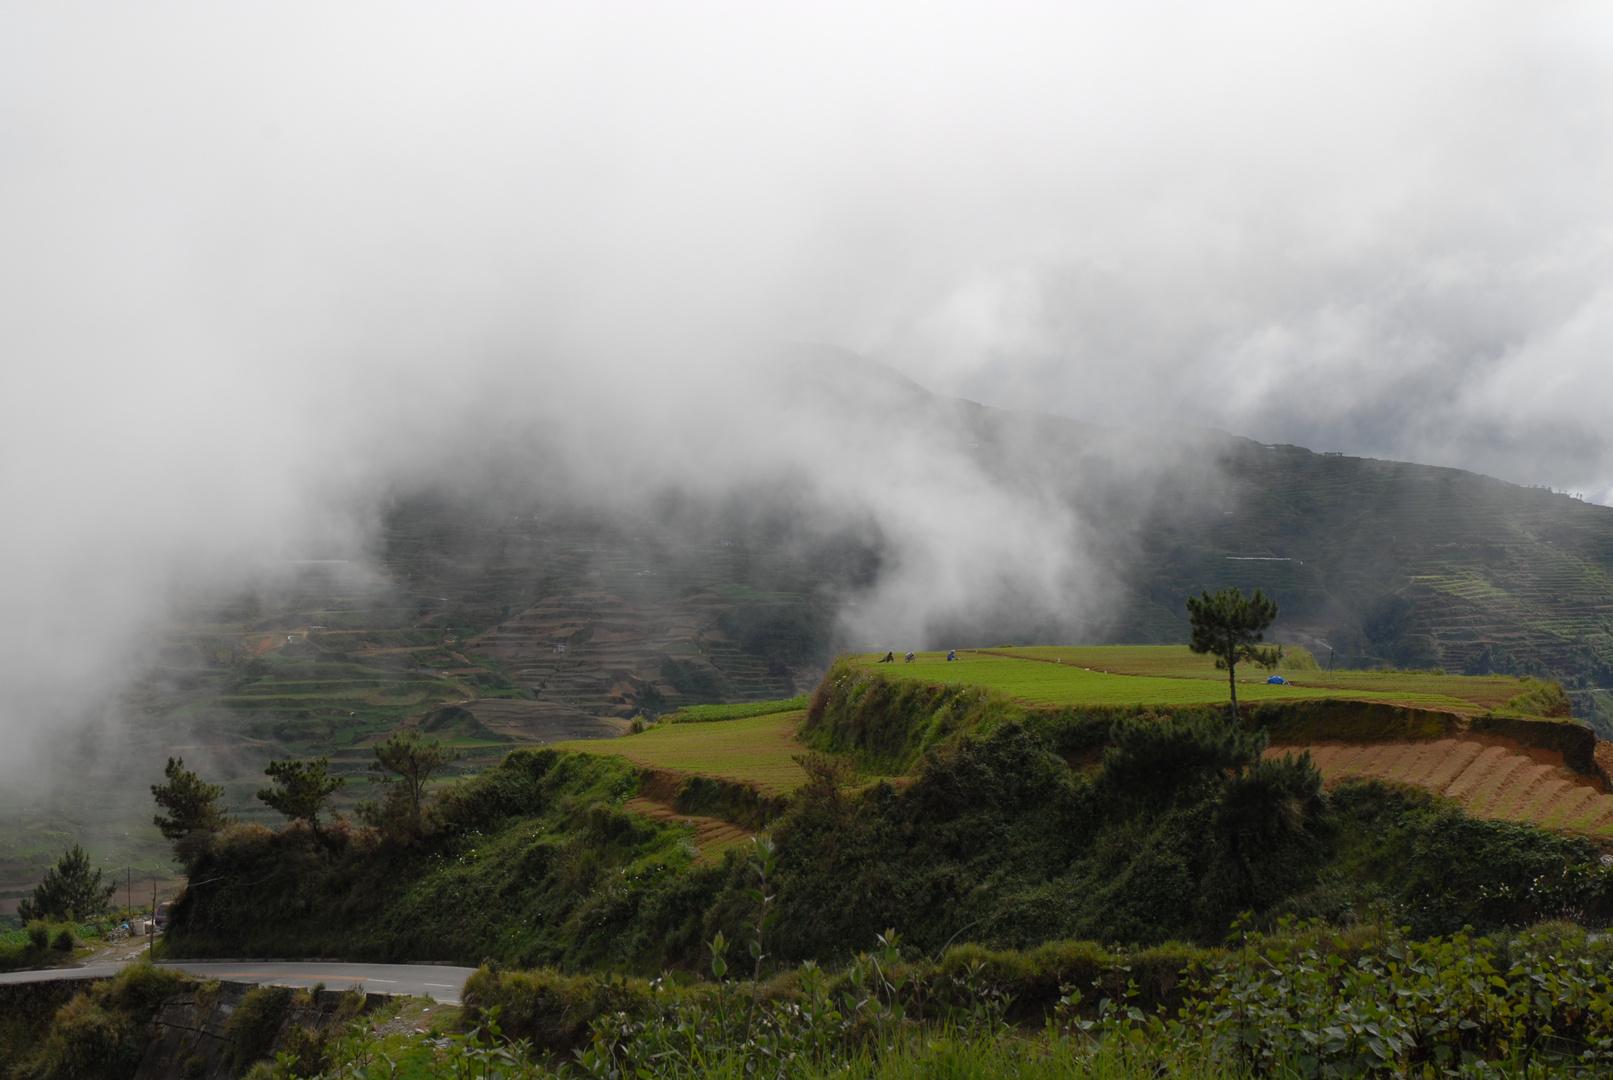 Nebel über den Reisterrassen